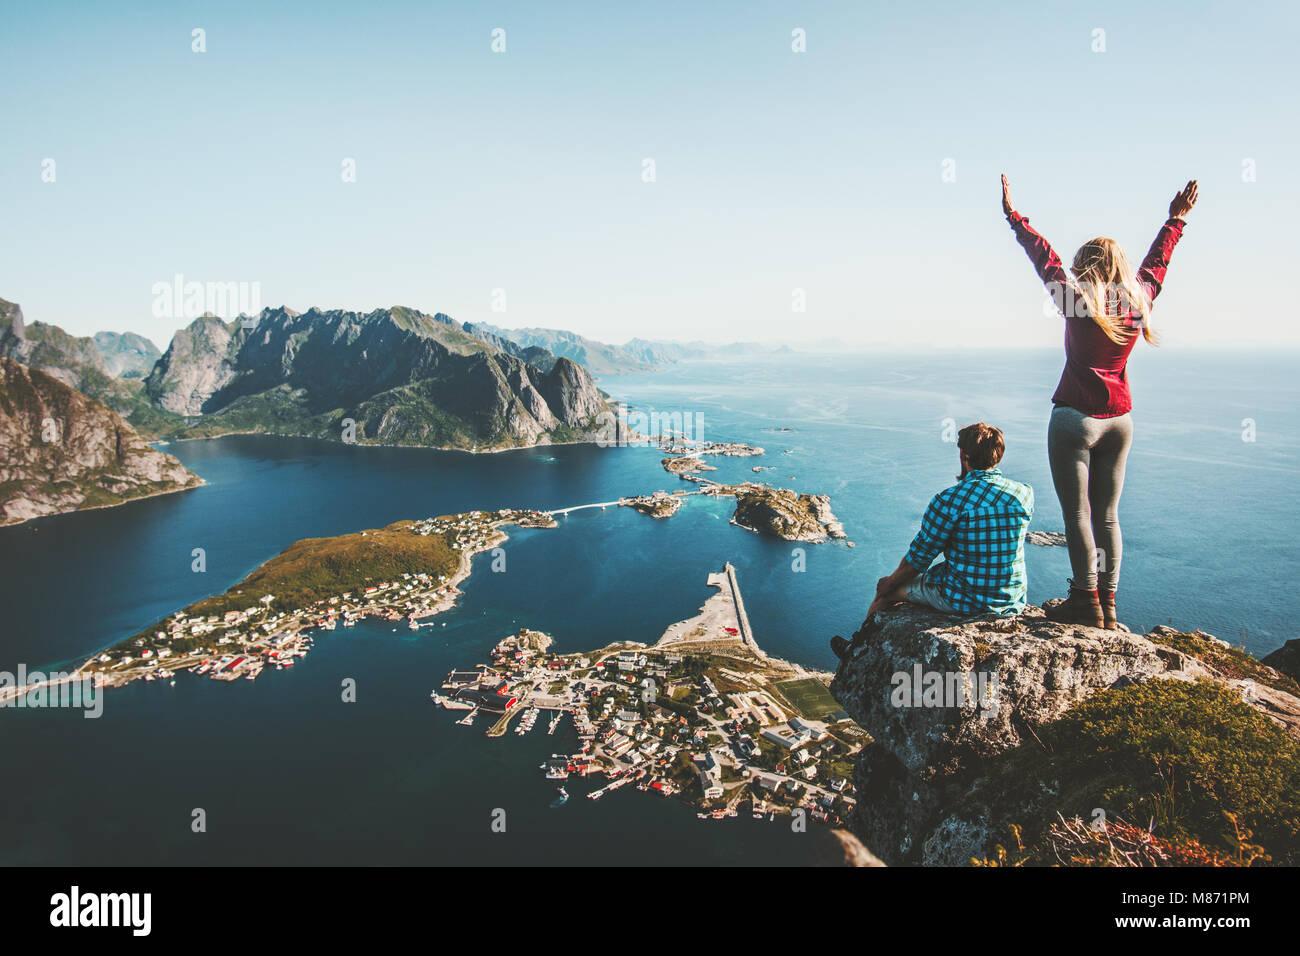 Paar zusammen Reisen auf der Klippe in Norwegen Mann und Frau Lifestyle-konzept Sommerferien outdoor Luftaufnahme Stockfoto